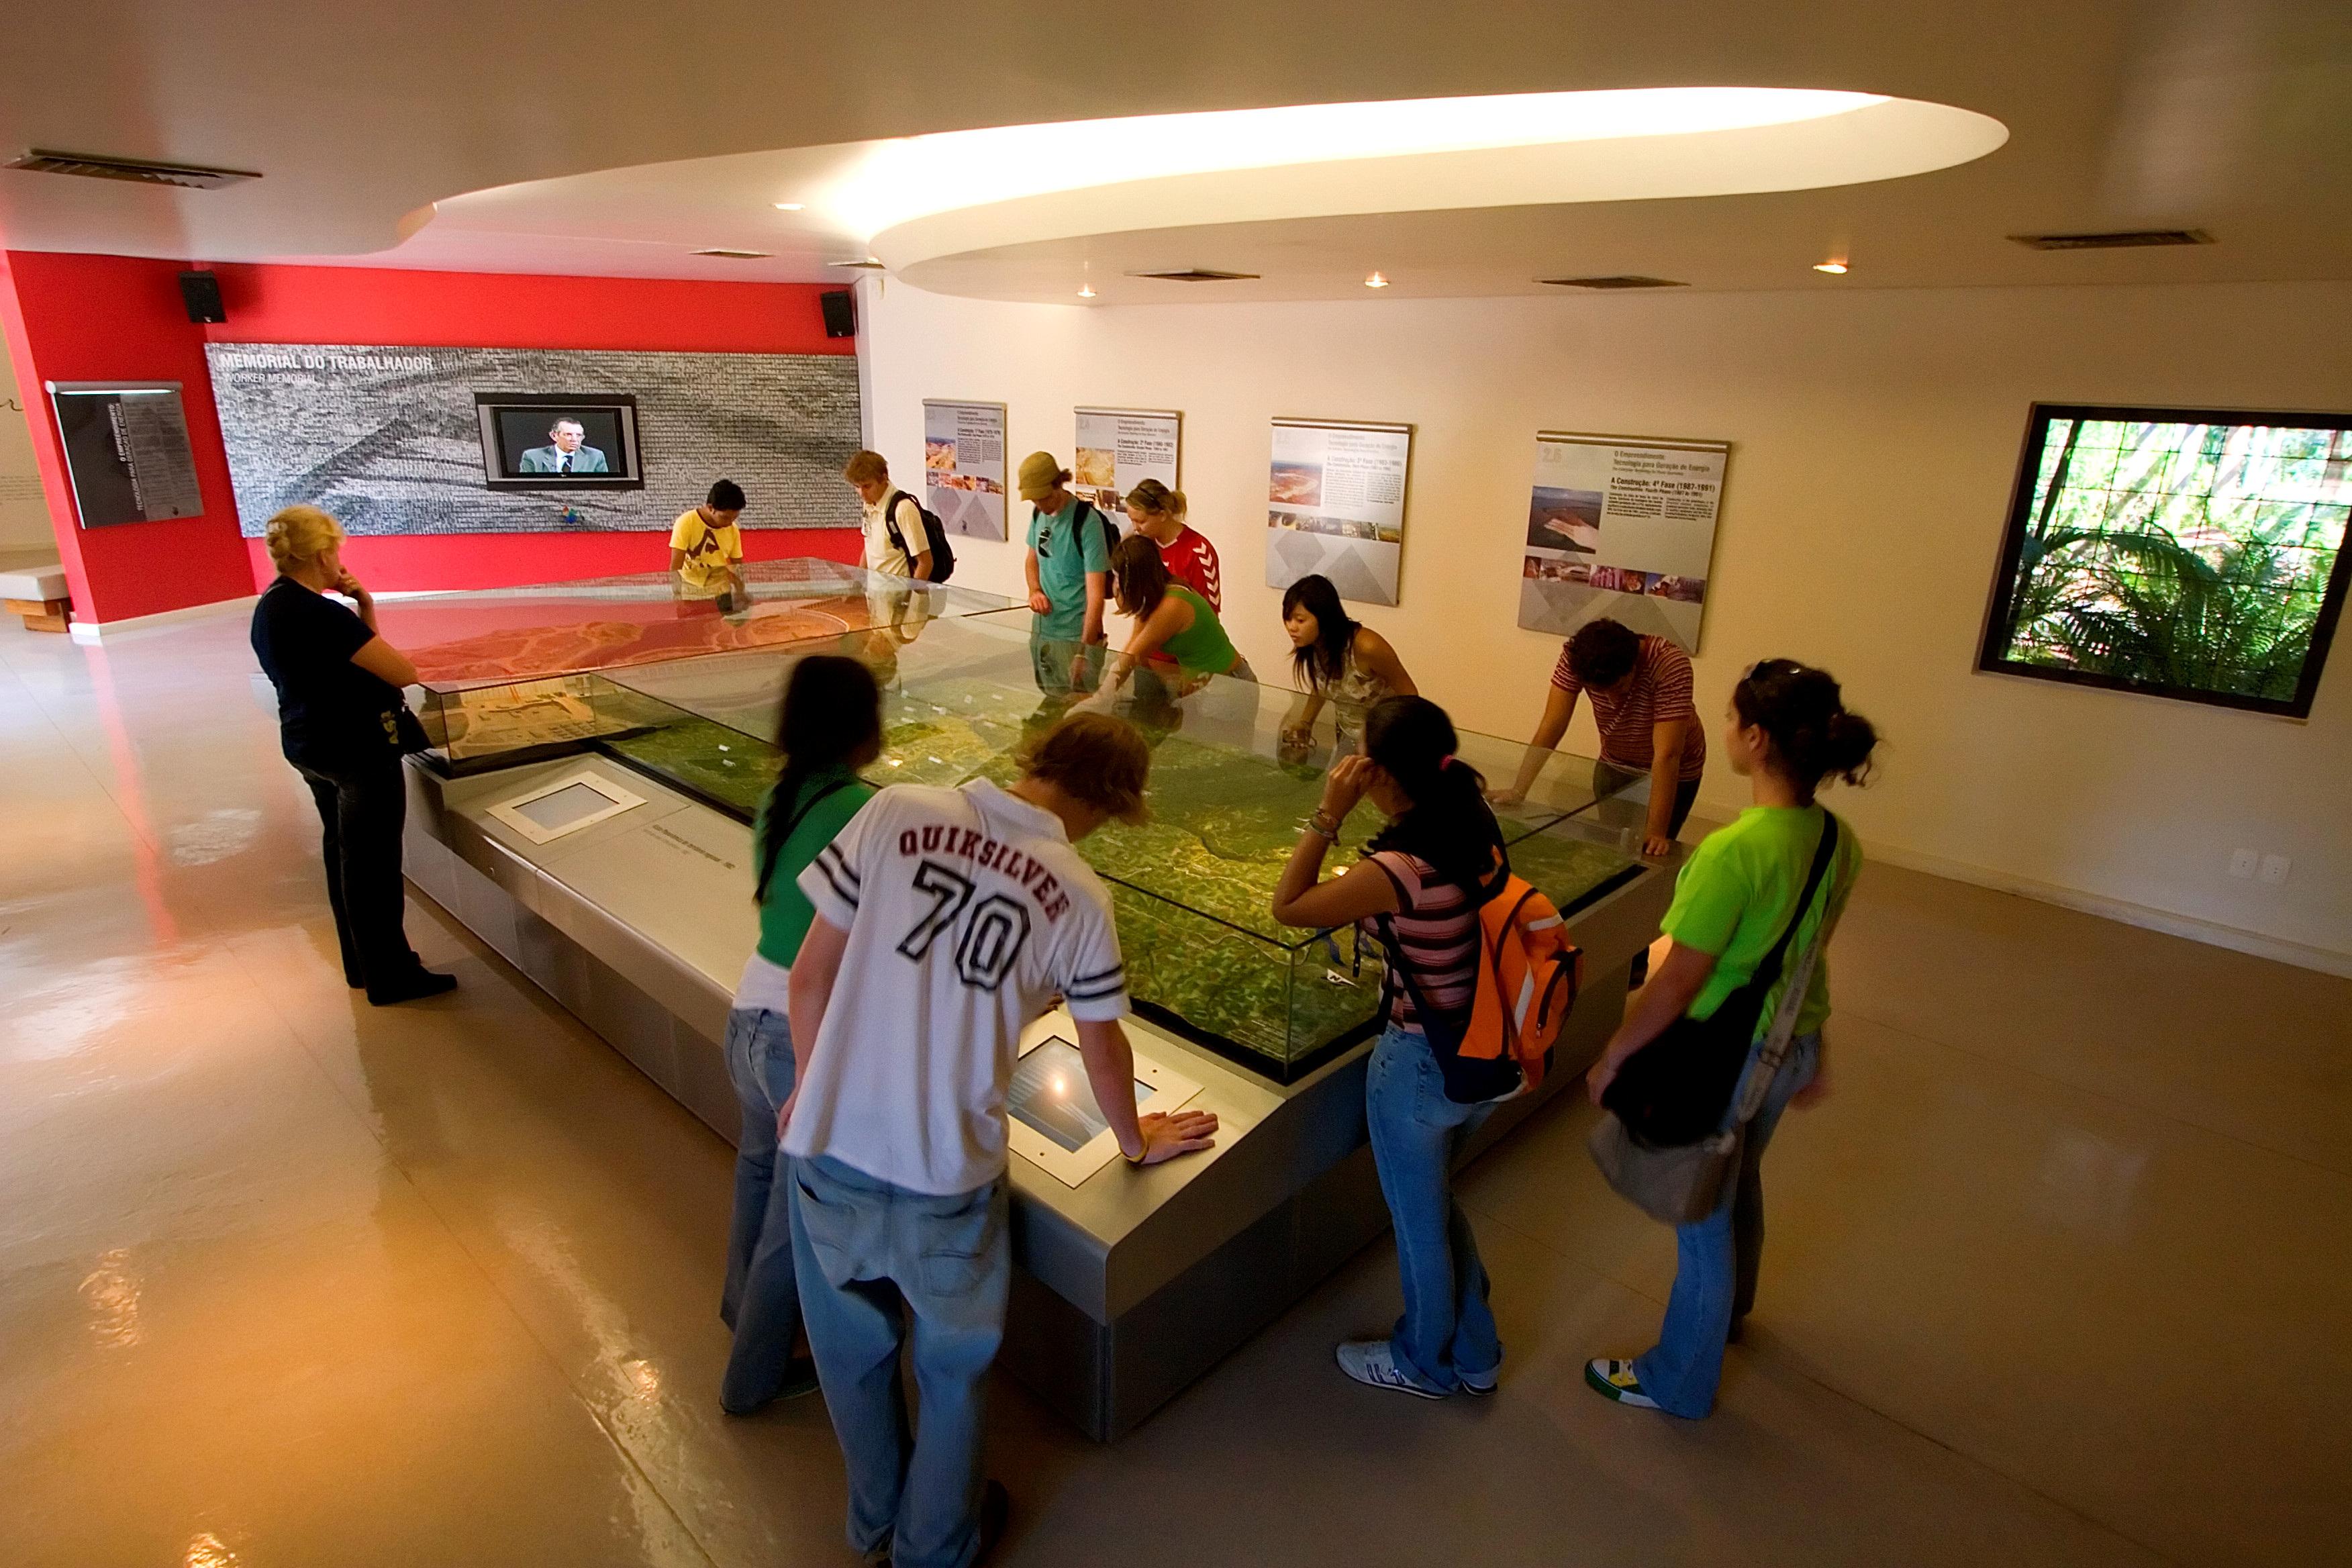 Movimento de turistas na Itaipu sobe 17,5% no feriado de Páscoa